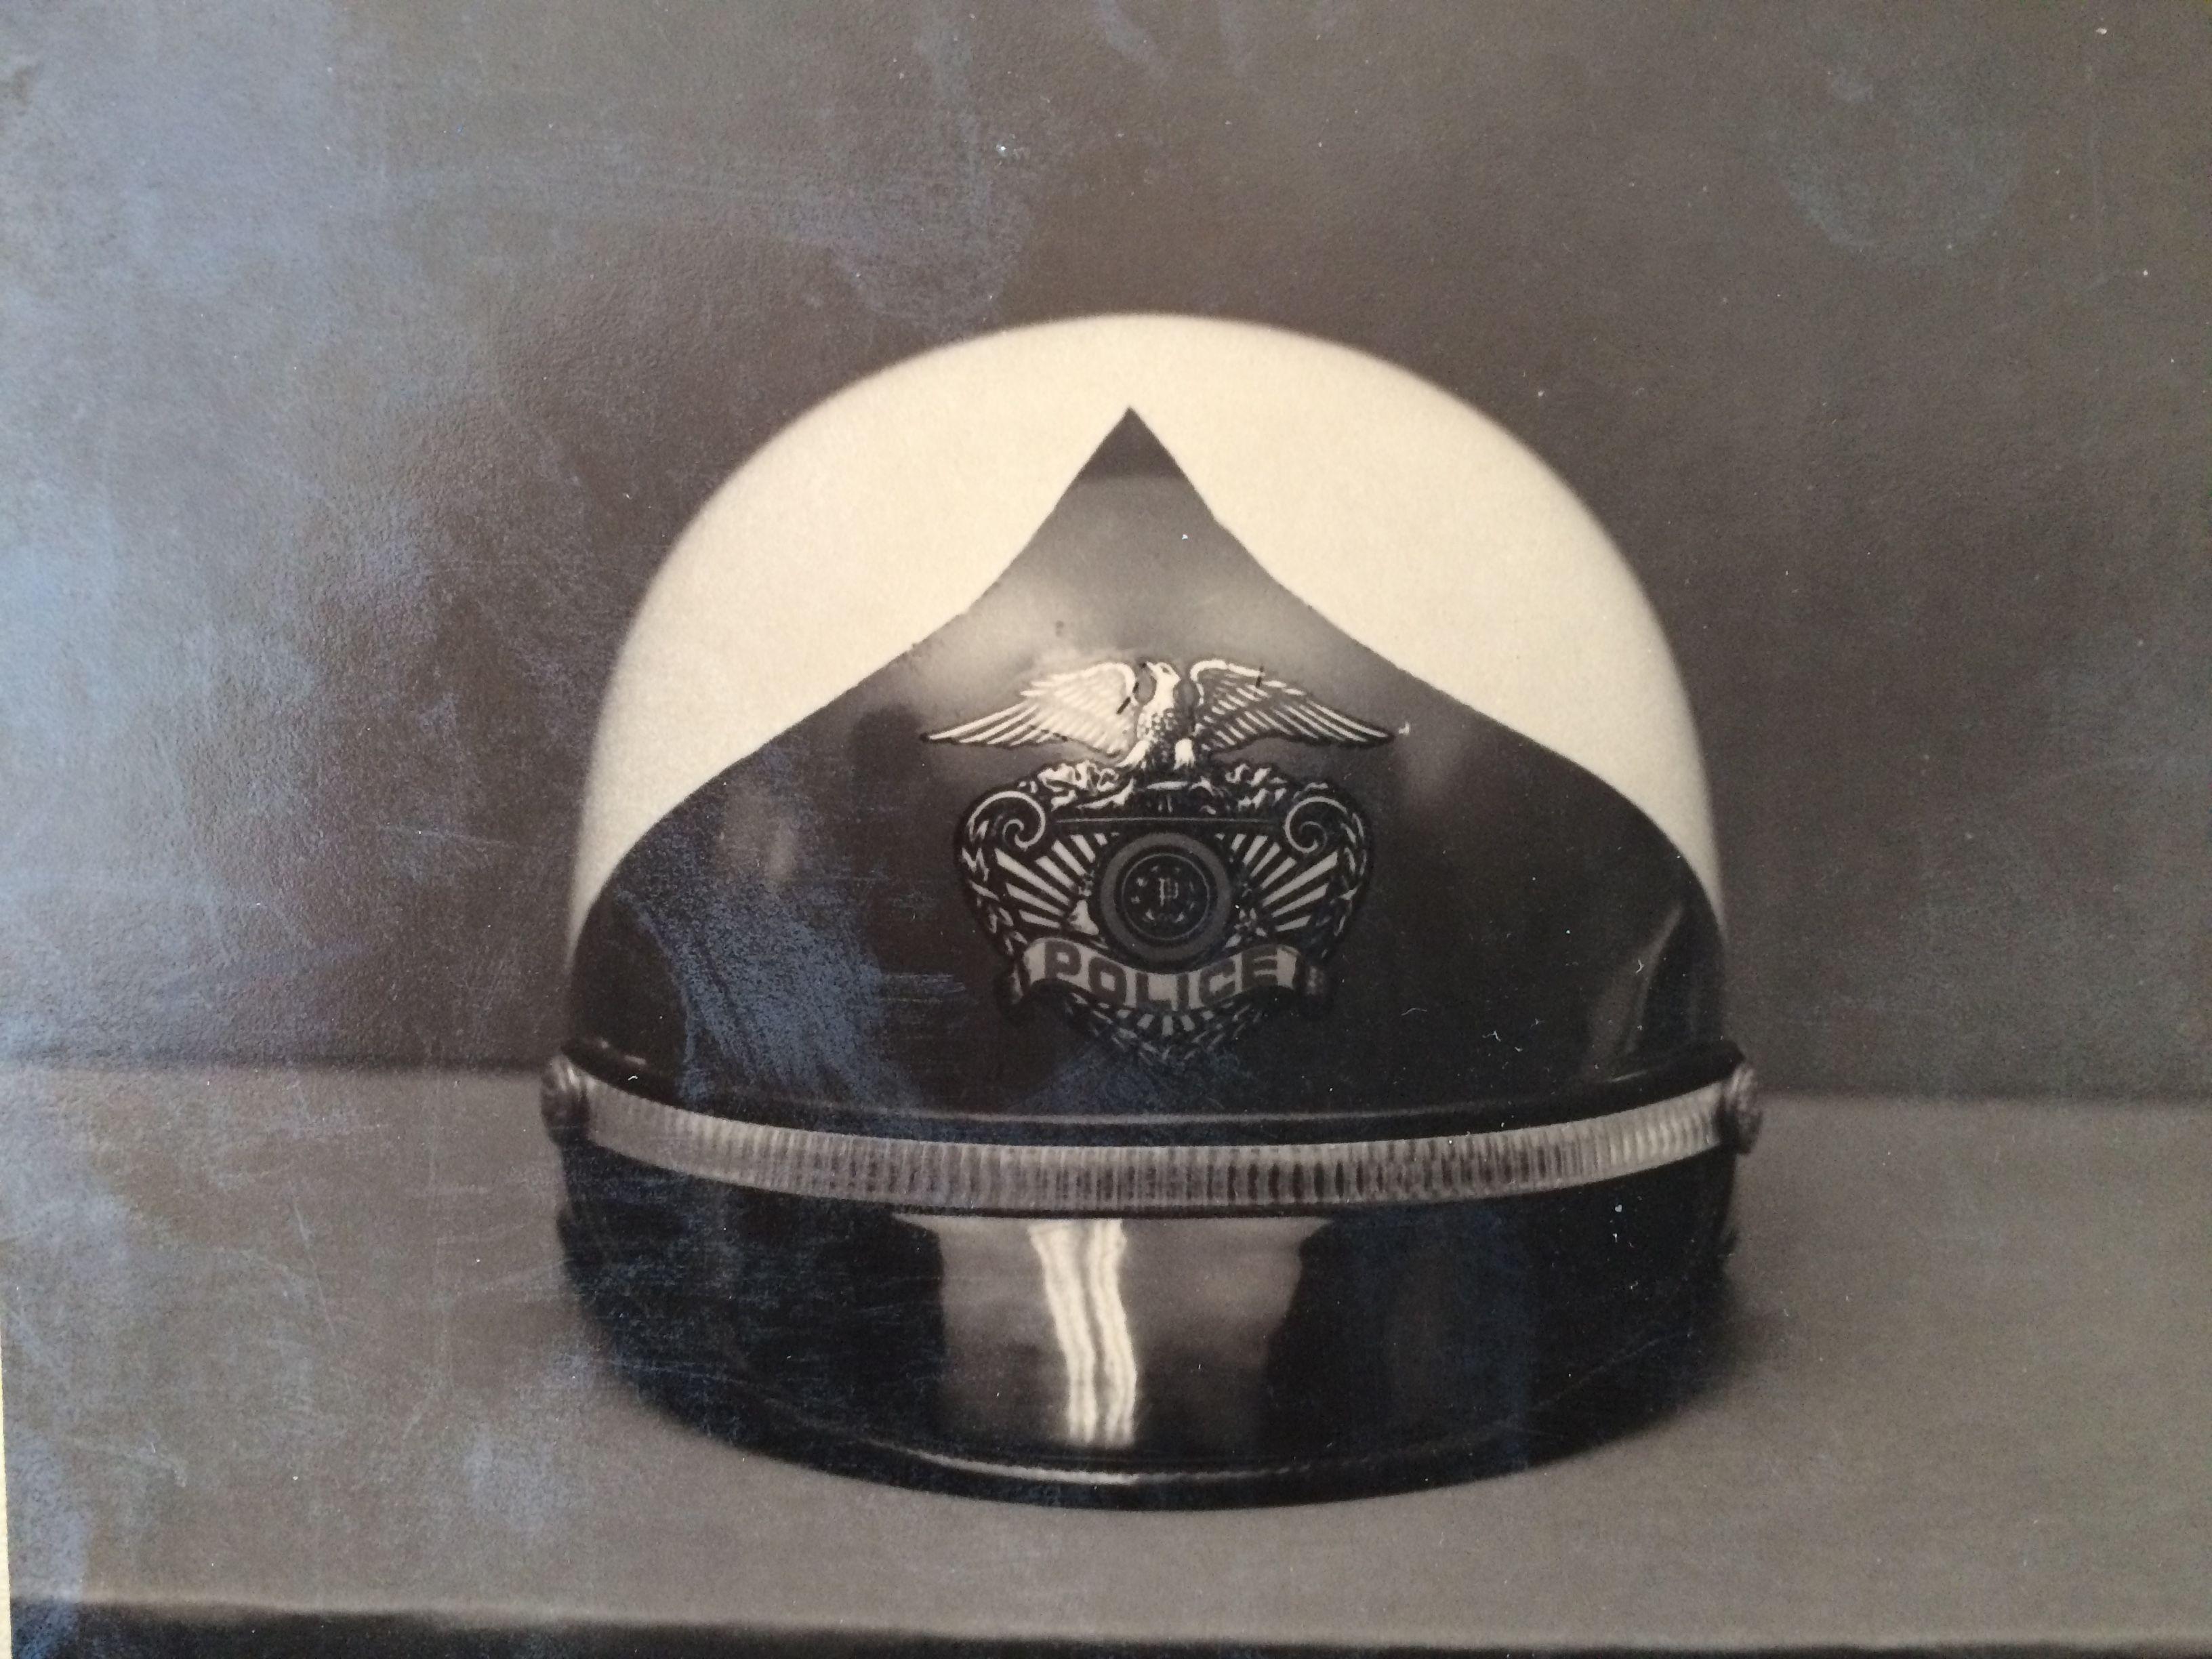 Charlotte Police Department Motorcycle ficers Helmet ca 1960 s